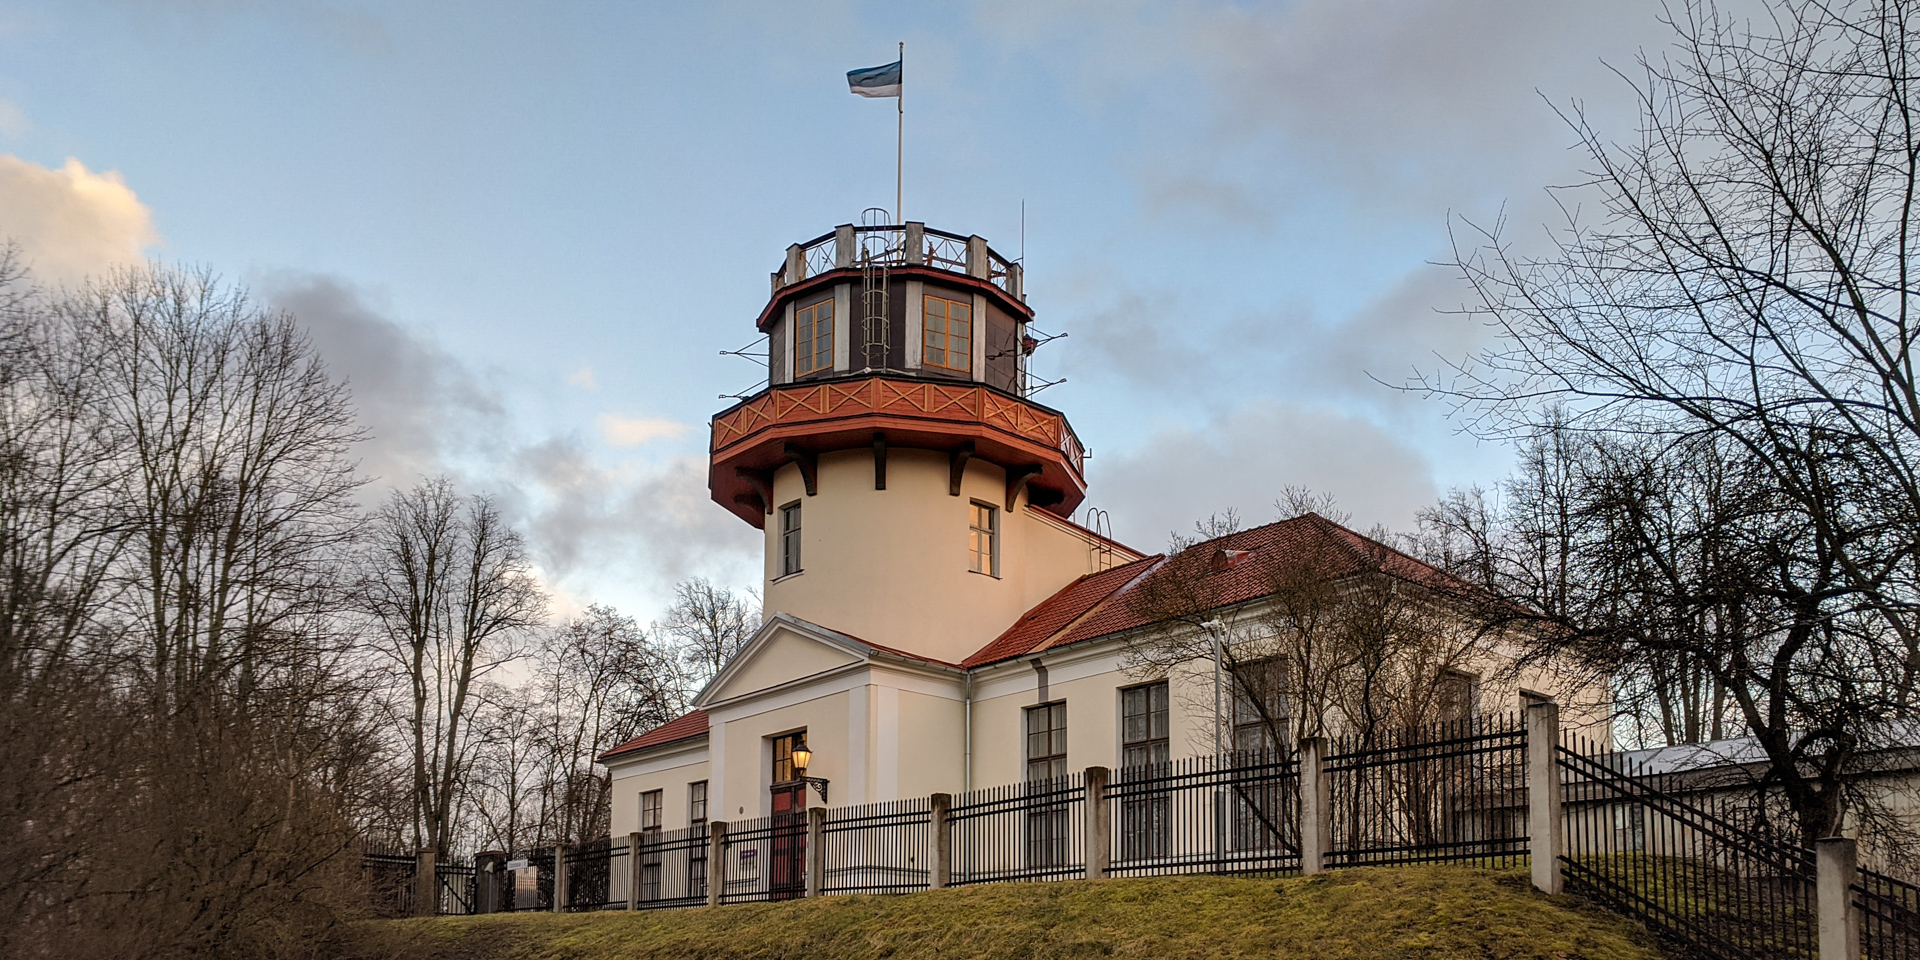 Tartu Old Observatory, Estonia